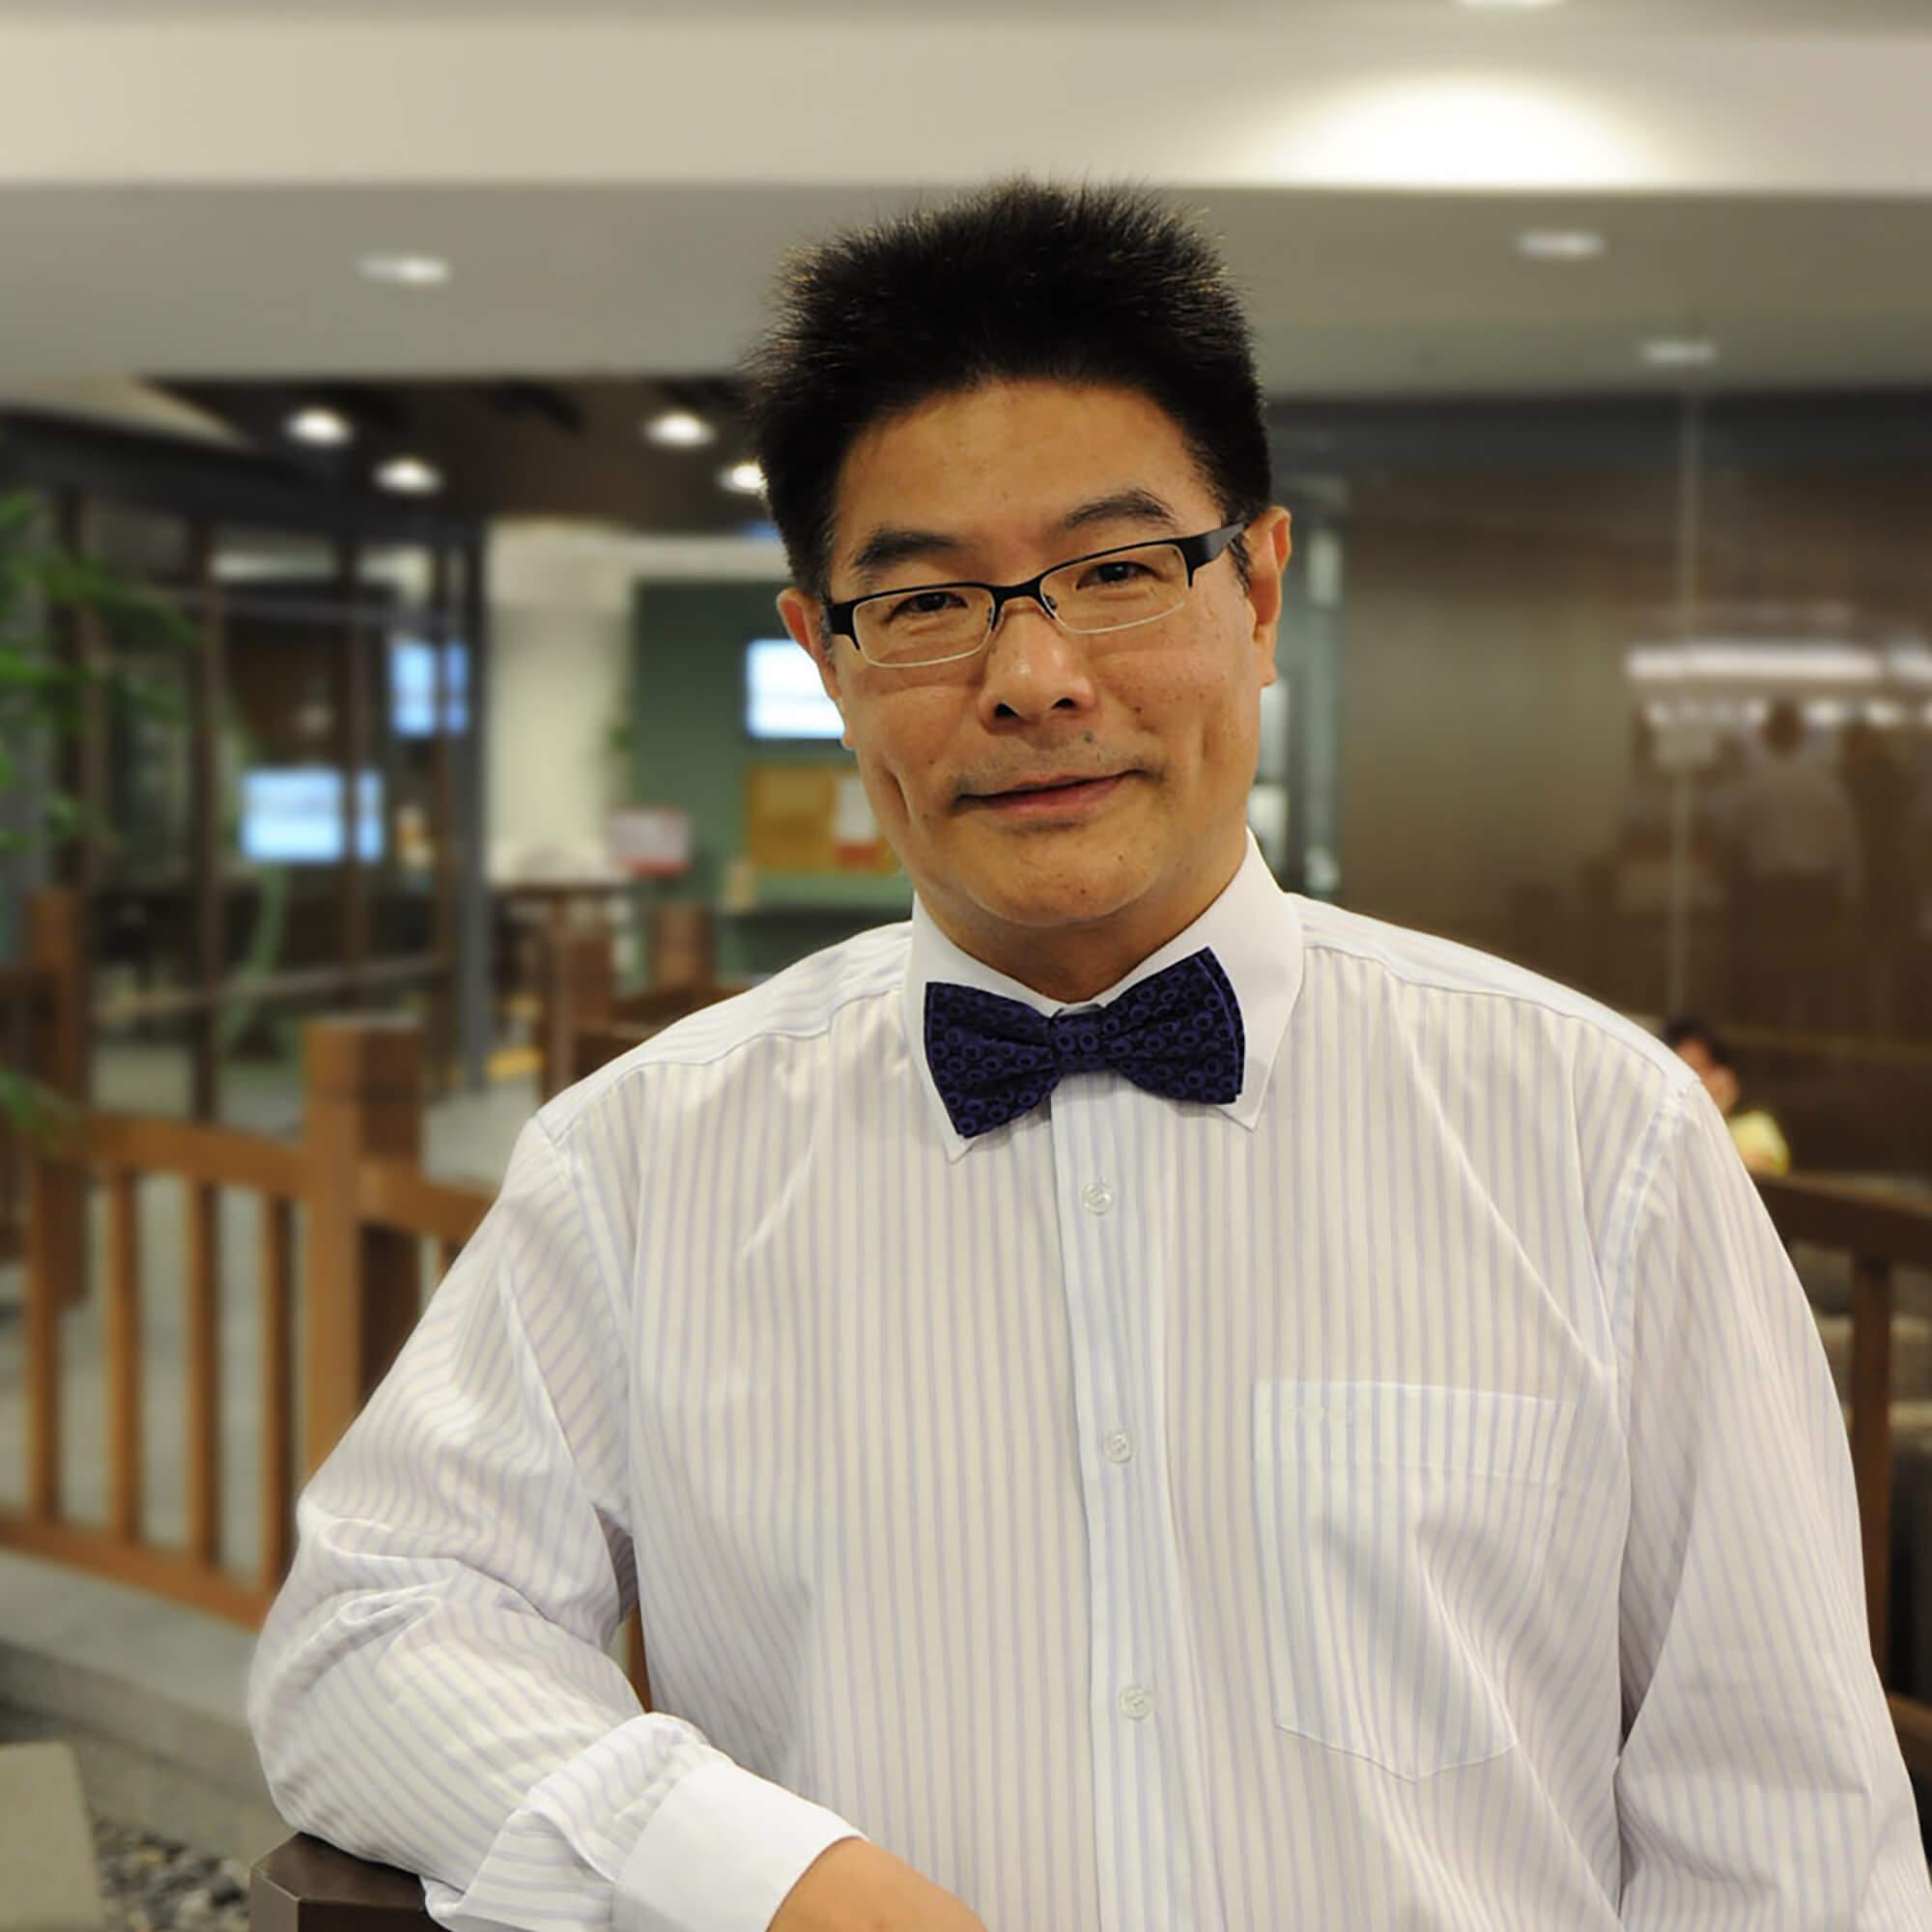 Ziguang wearing a tuxedo shirt and bow tie